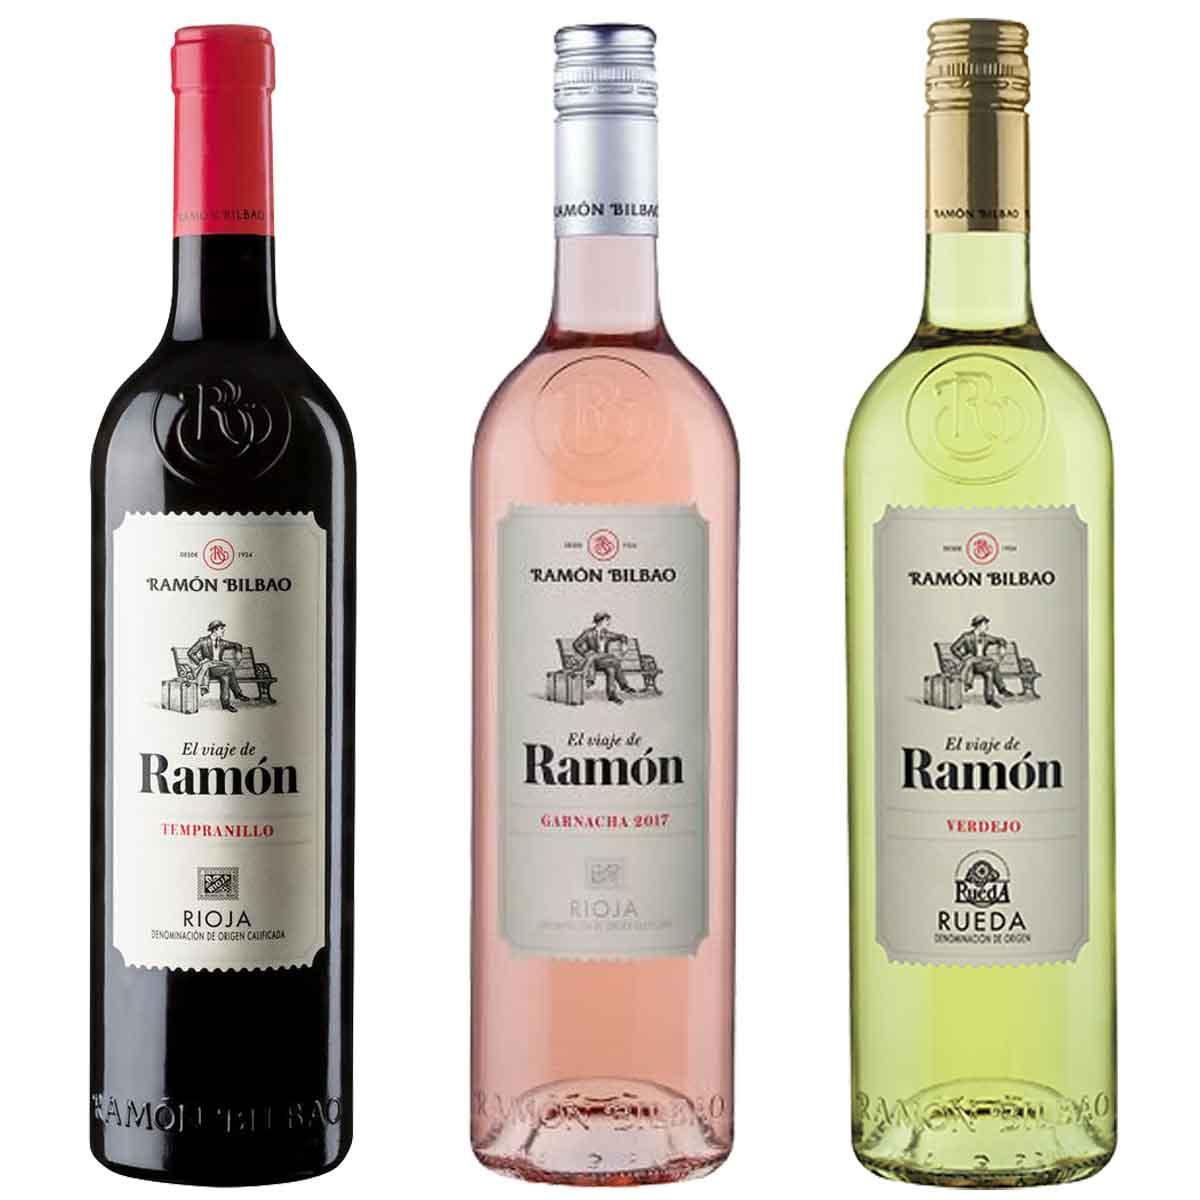 Kit 3x Vinho Espanhol El Viaje de Ramón Rose, Tinto e Branco